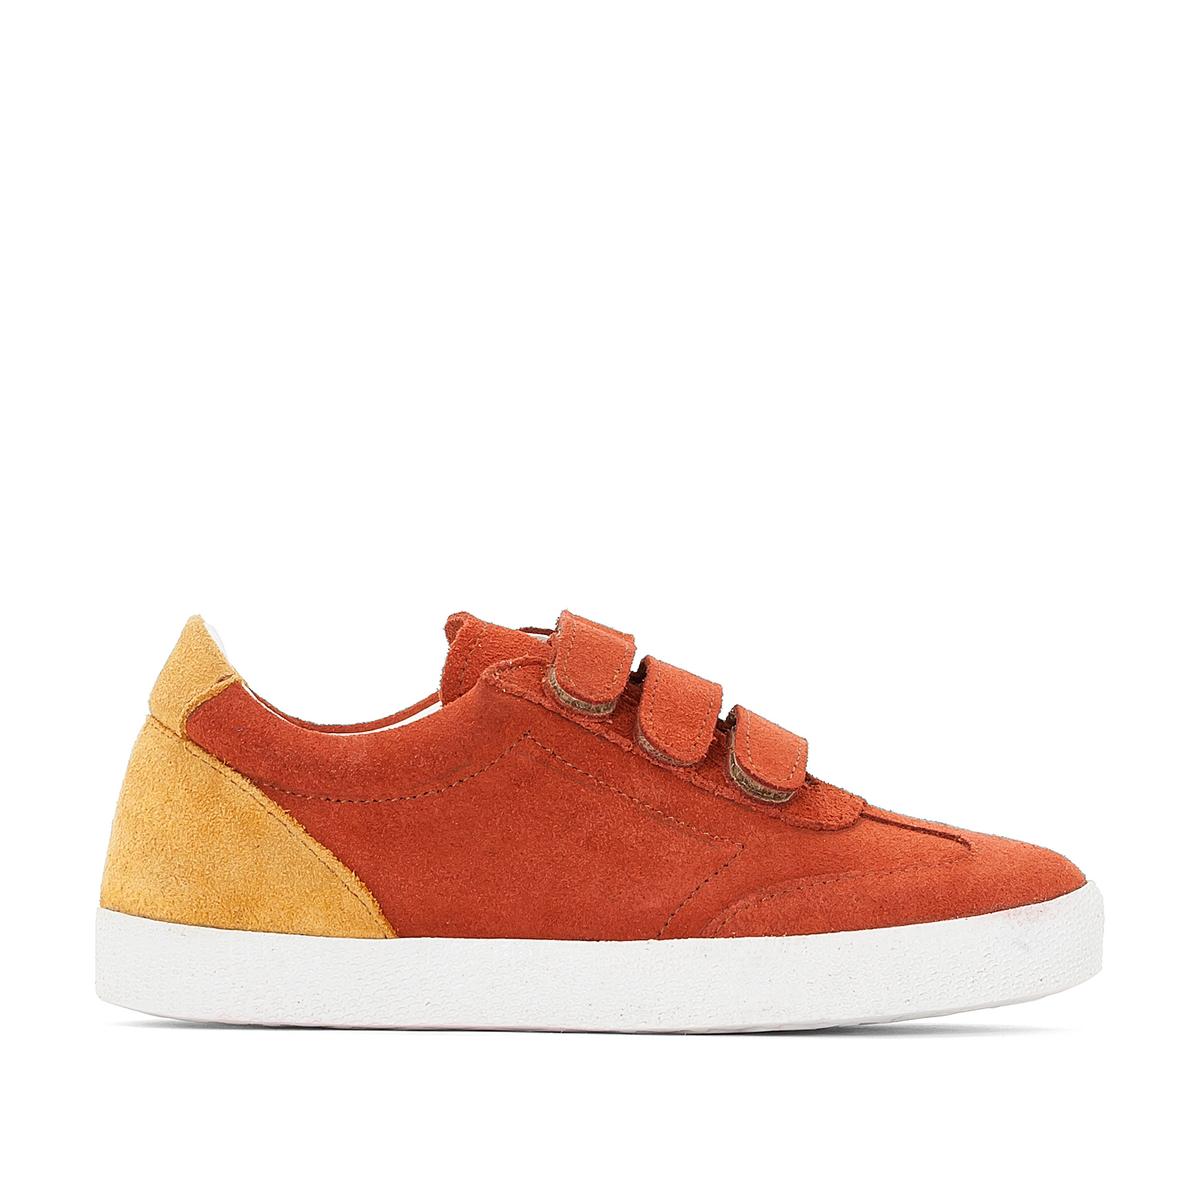 Кеды из невыделанной кожиДетали  •  Спортивный стиль •  Плоский каблук •  Застежка : планка-велкро •  Велюровая отделка, нубукСостав и уход  •  Верх 100% спилок •  Подкладка 100% хлопок<br><br>Цвет: бордовый/ белый,желтый/ белый,красно-коричневый<br>Размер: 33.33.32.31.31